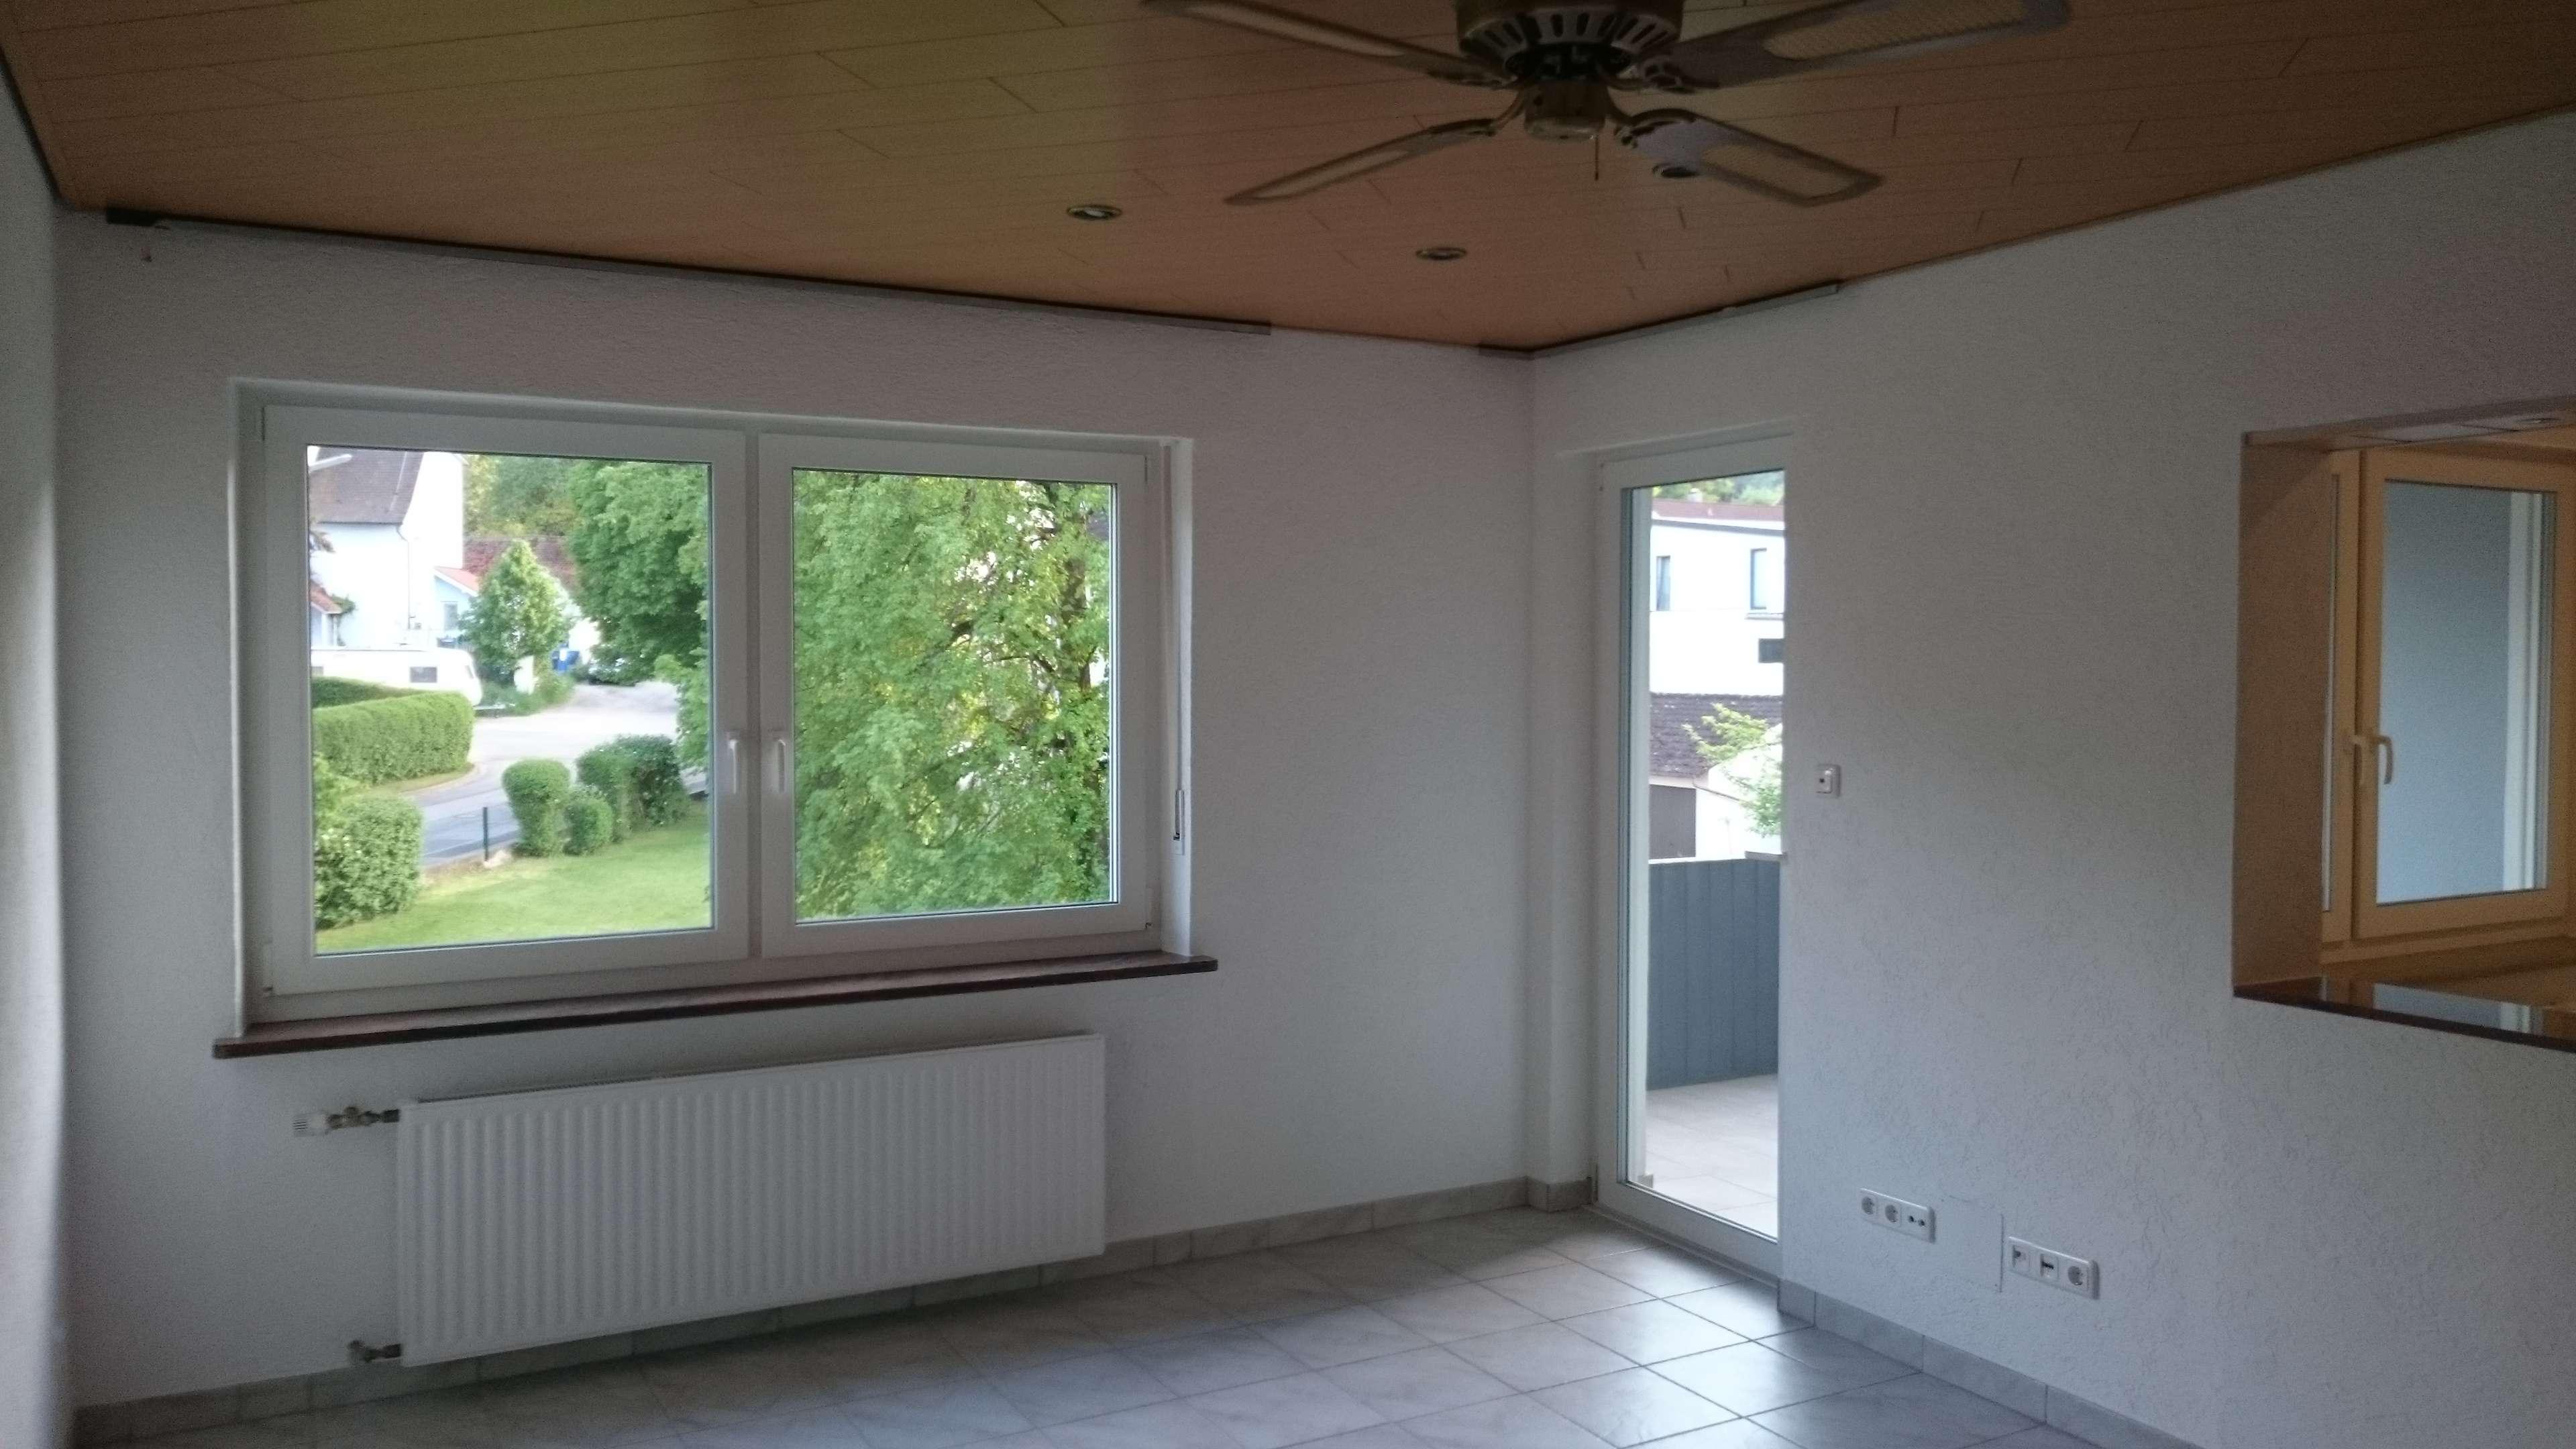 Attraktive, geräumige 3,5-Zimmer-Wohnung mit Balkon in Sulzbach-Rosenberg in Sulzbach-Rosenberg